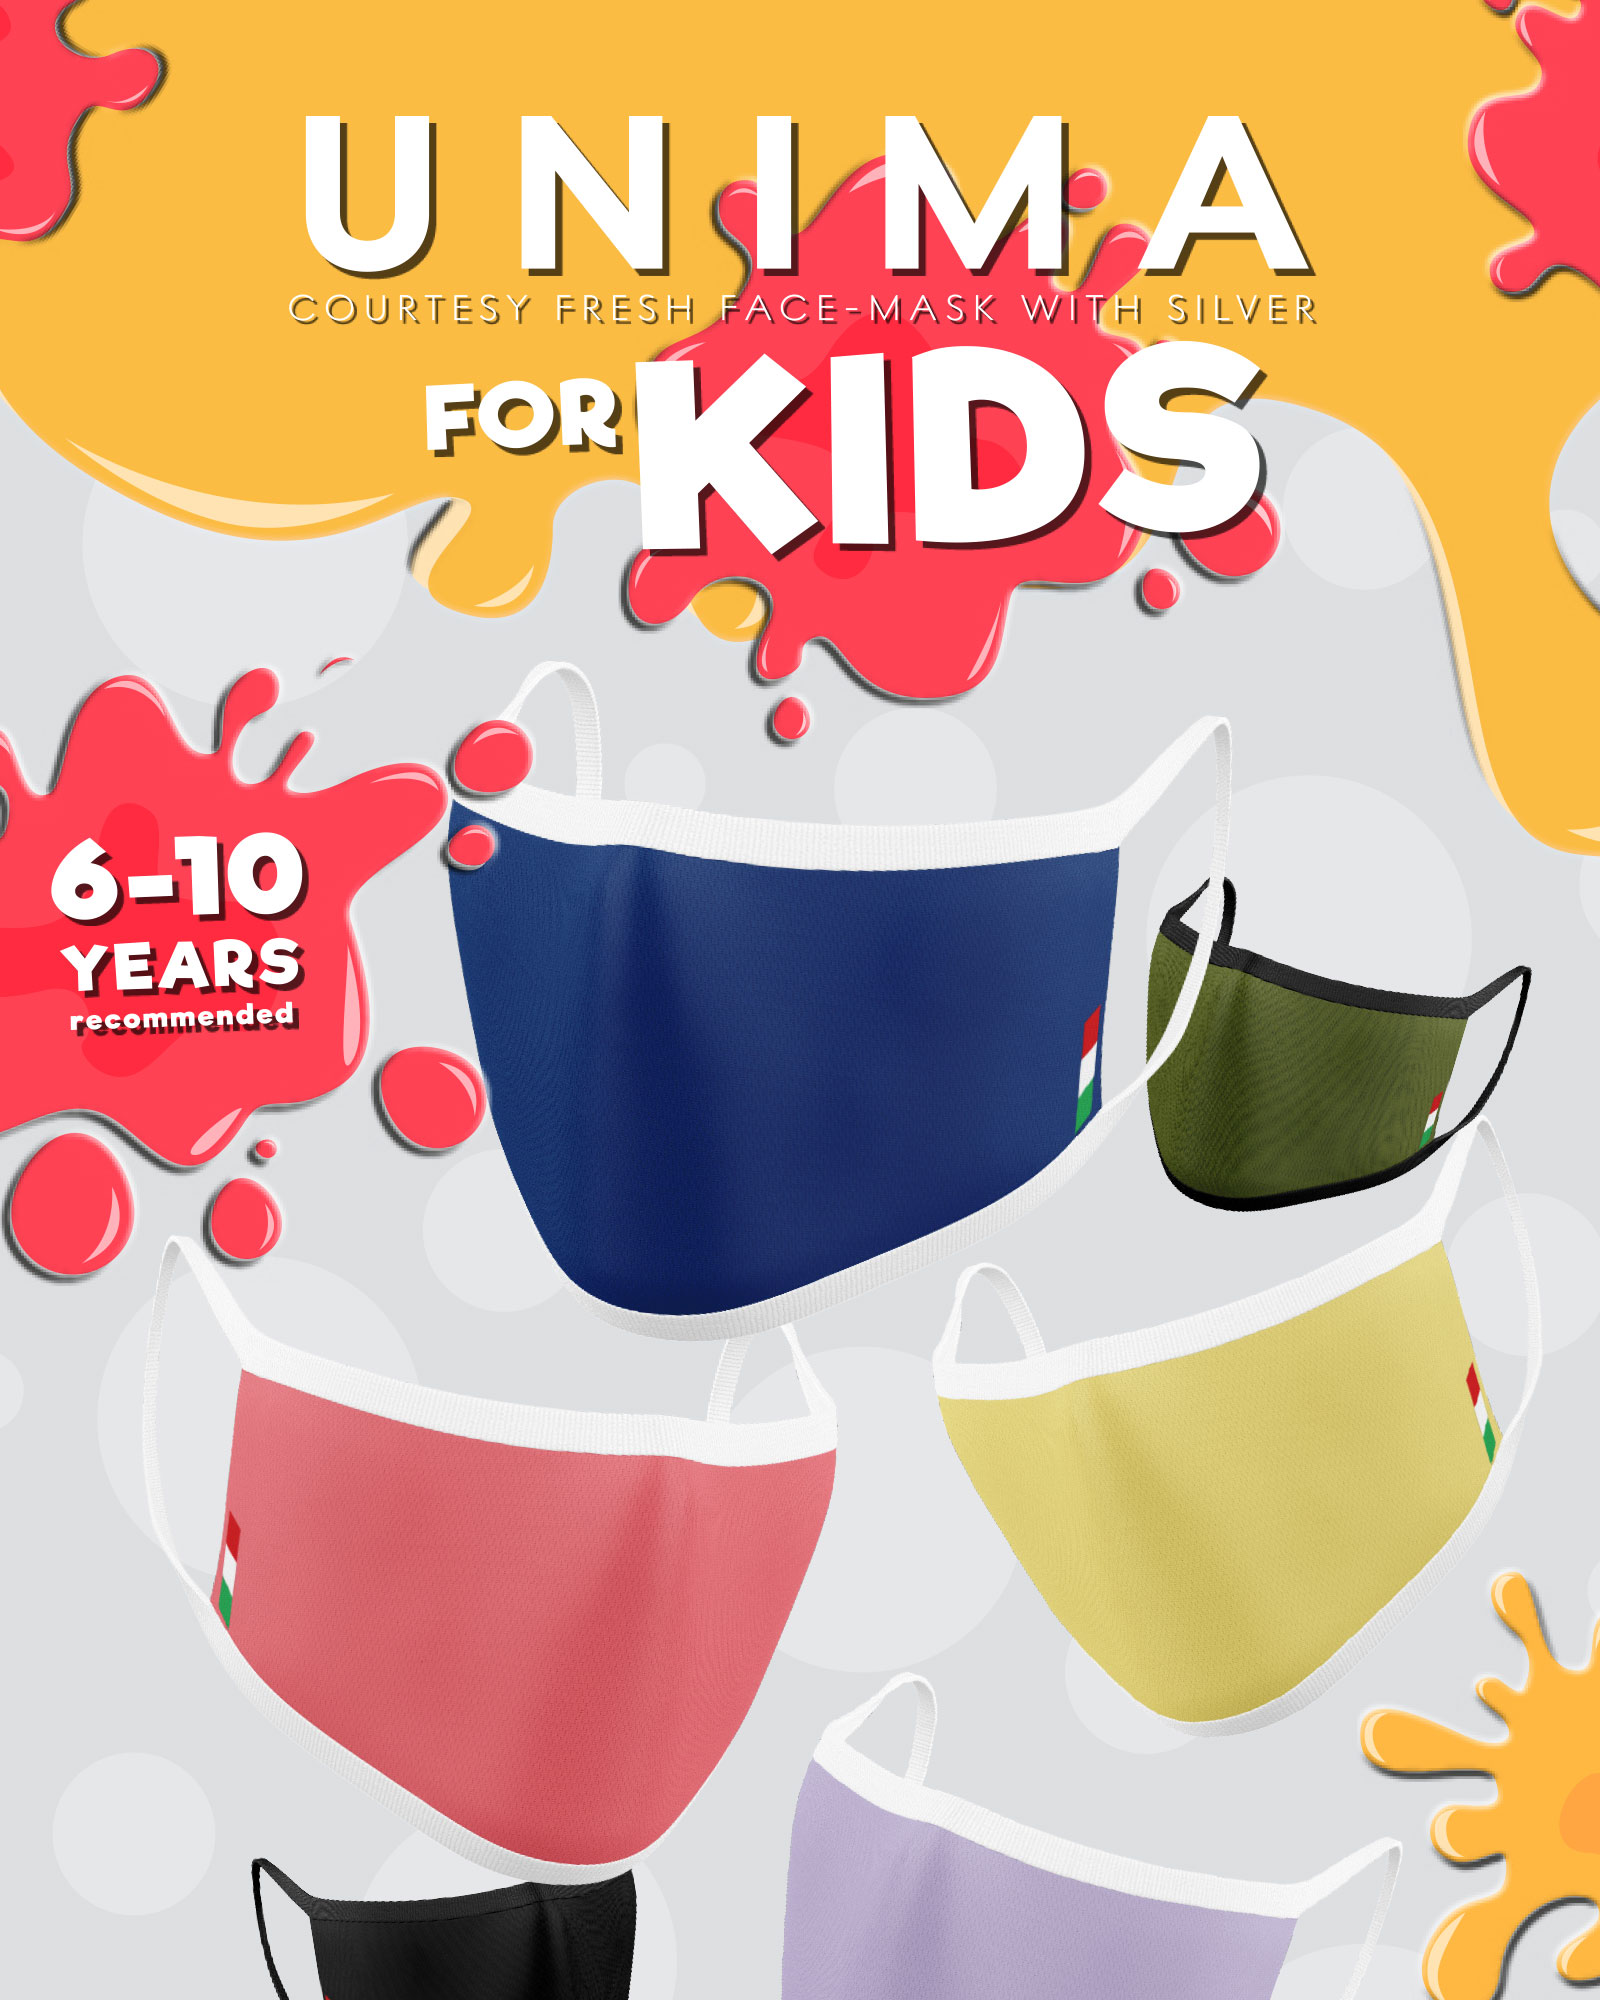 unima-mask-kids-link